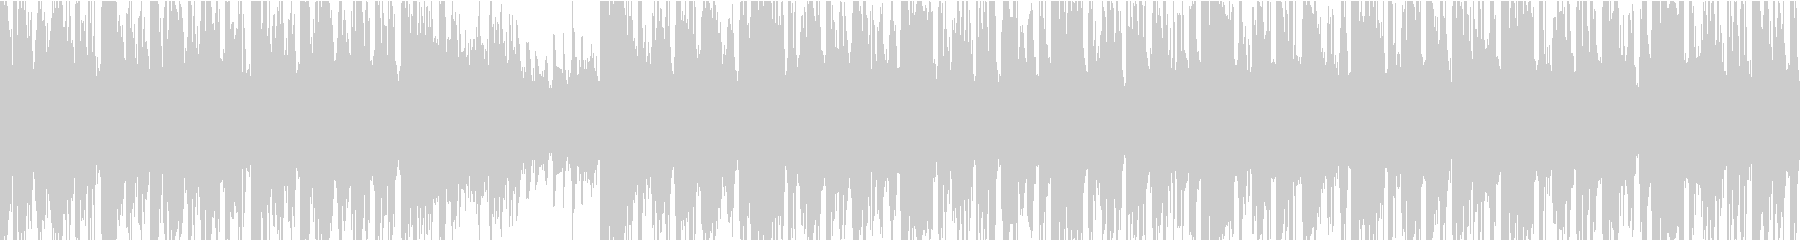 ダークエレクトログルーブ。ラフでエ...の未再生の波形